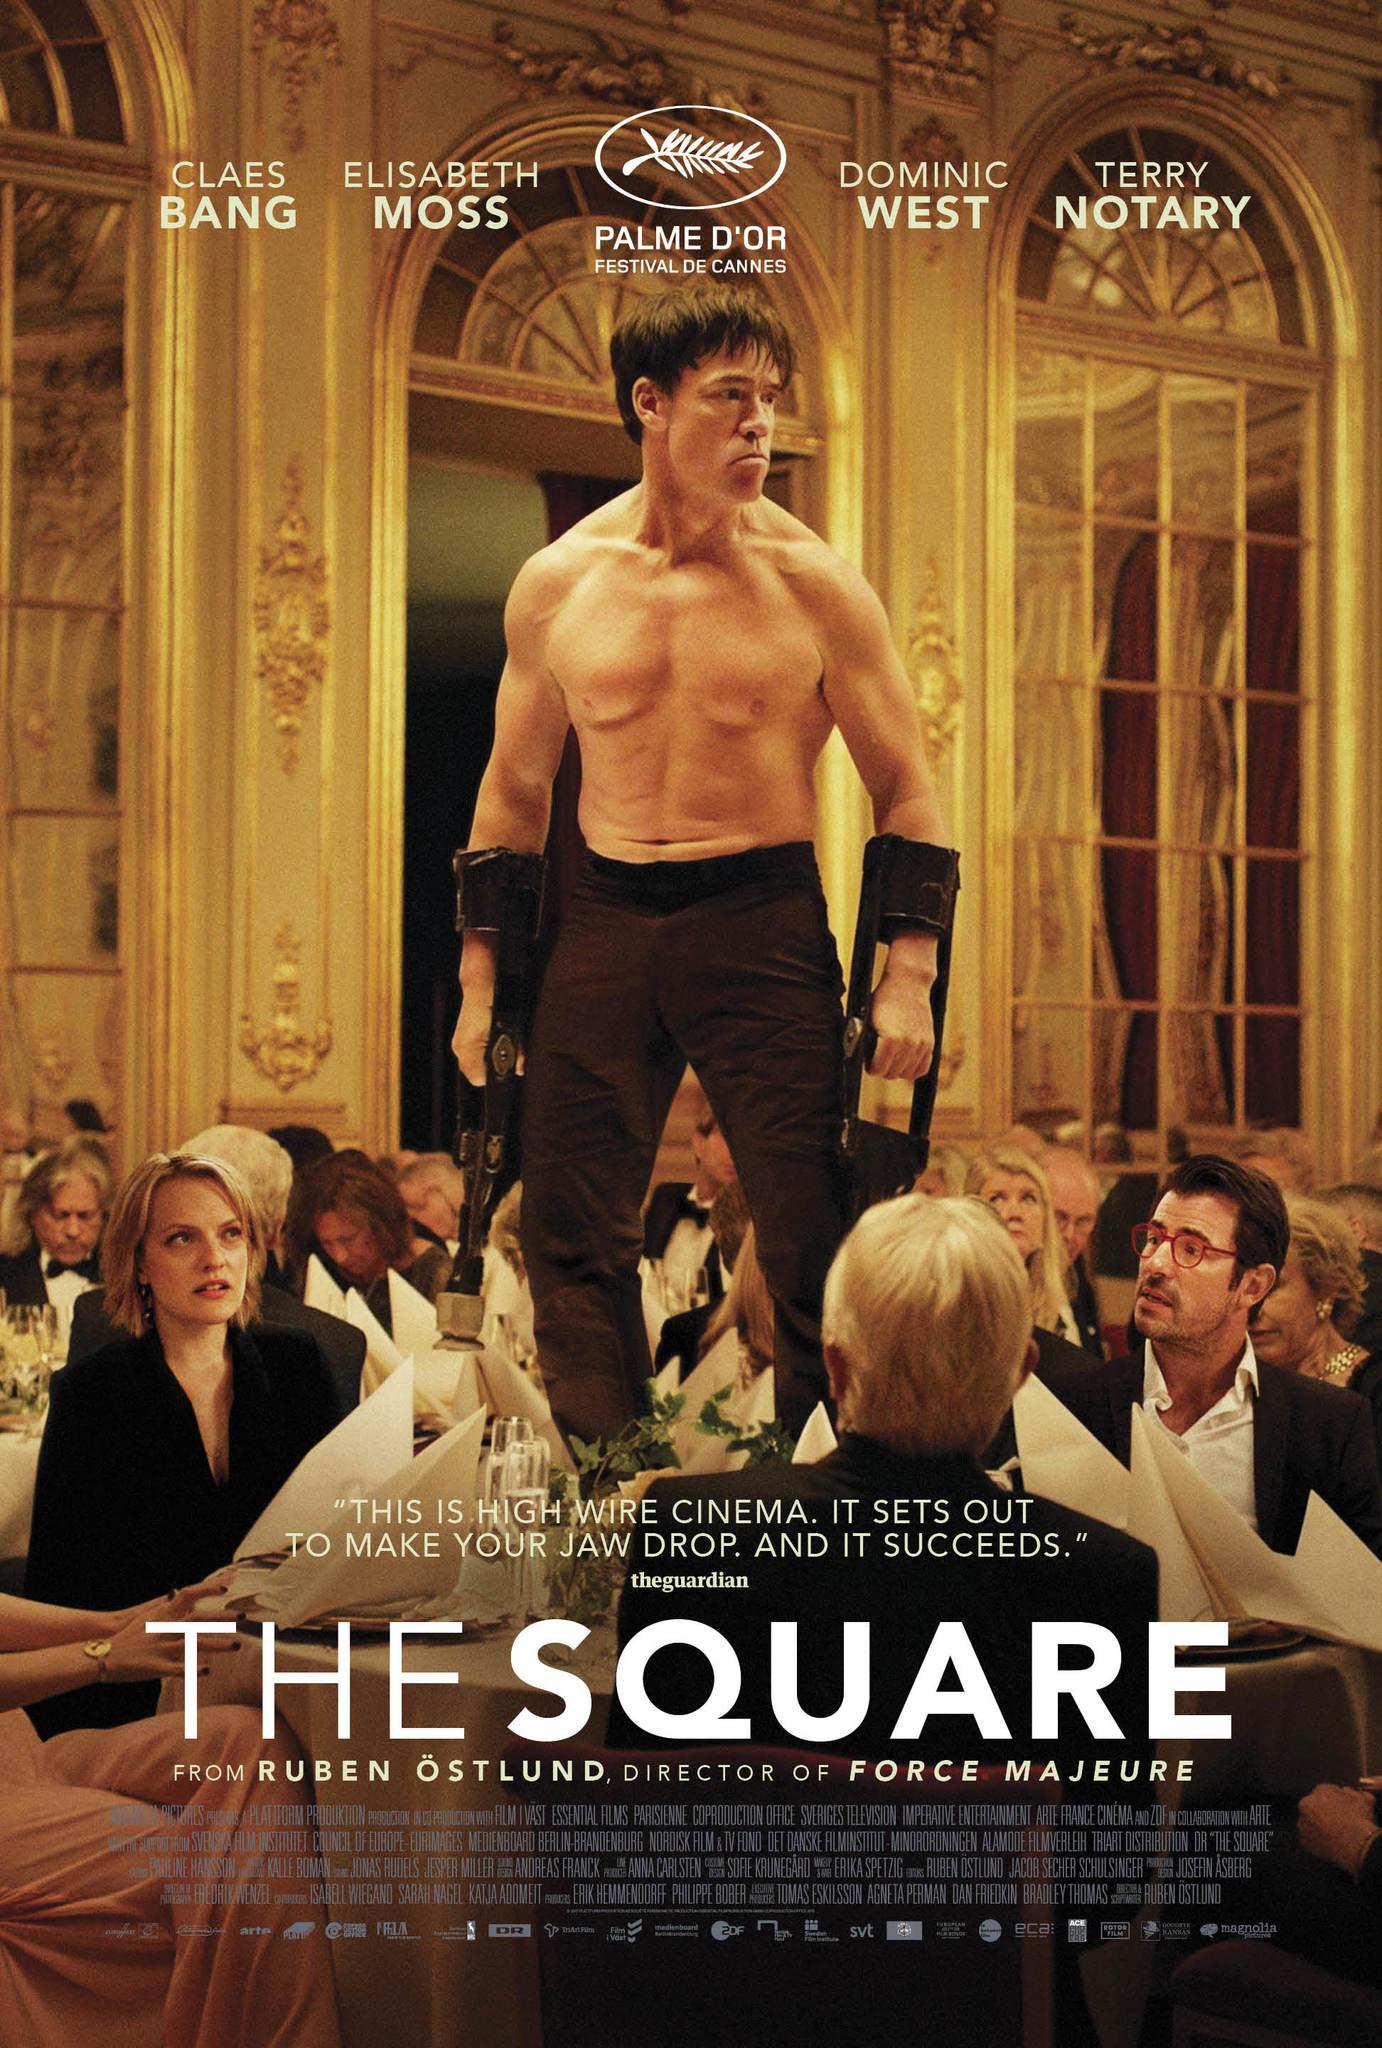 The Square (2017) BluRay 720p & 1080p